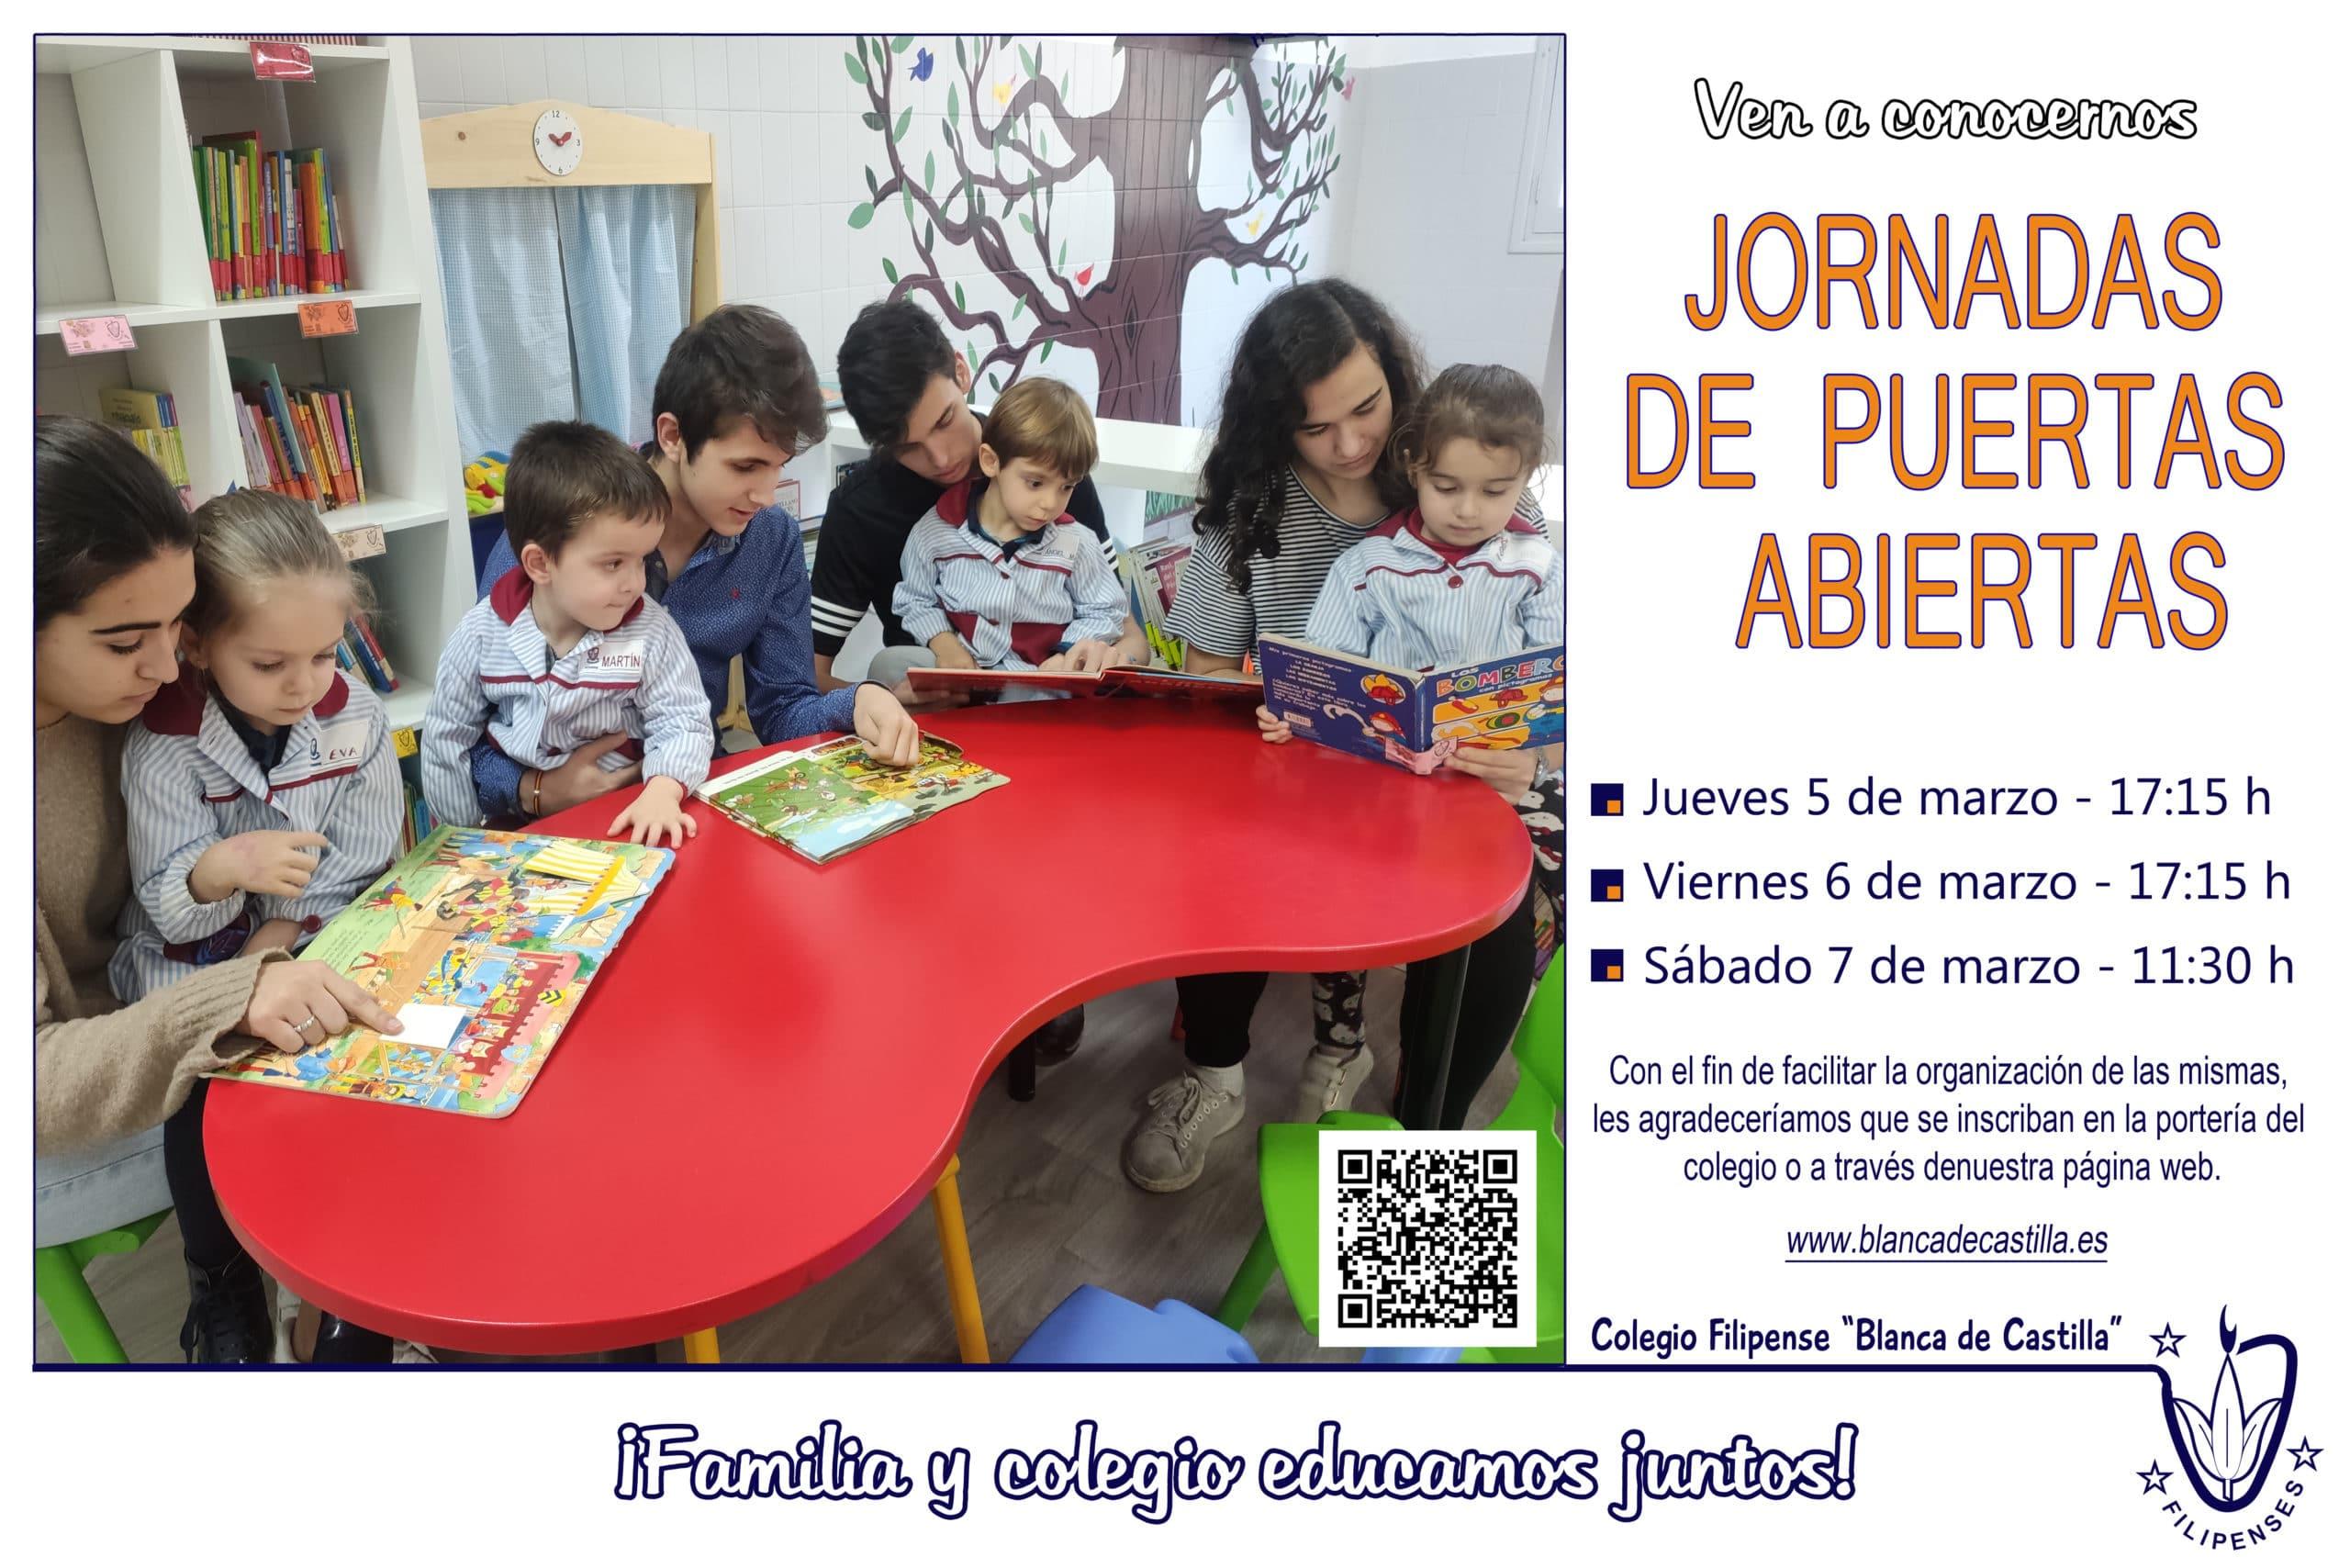 Jornada de puertas abiertas Colegio Blanca de Castilla de Palencia curso 2019-20